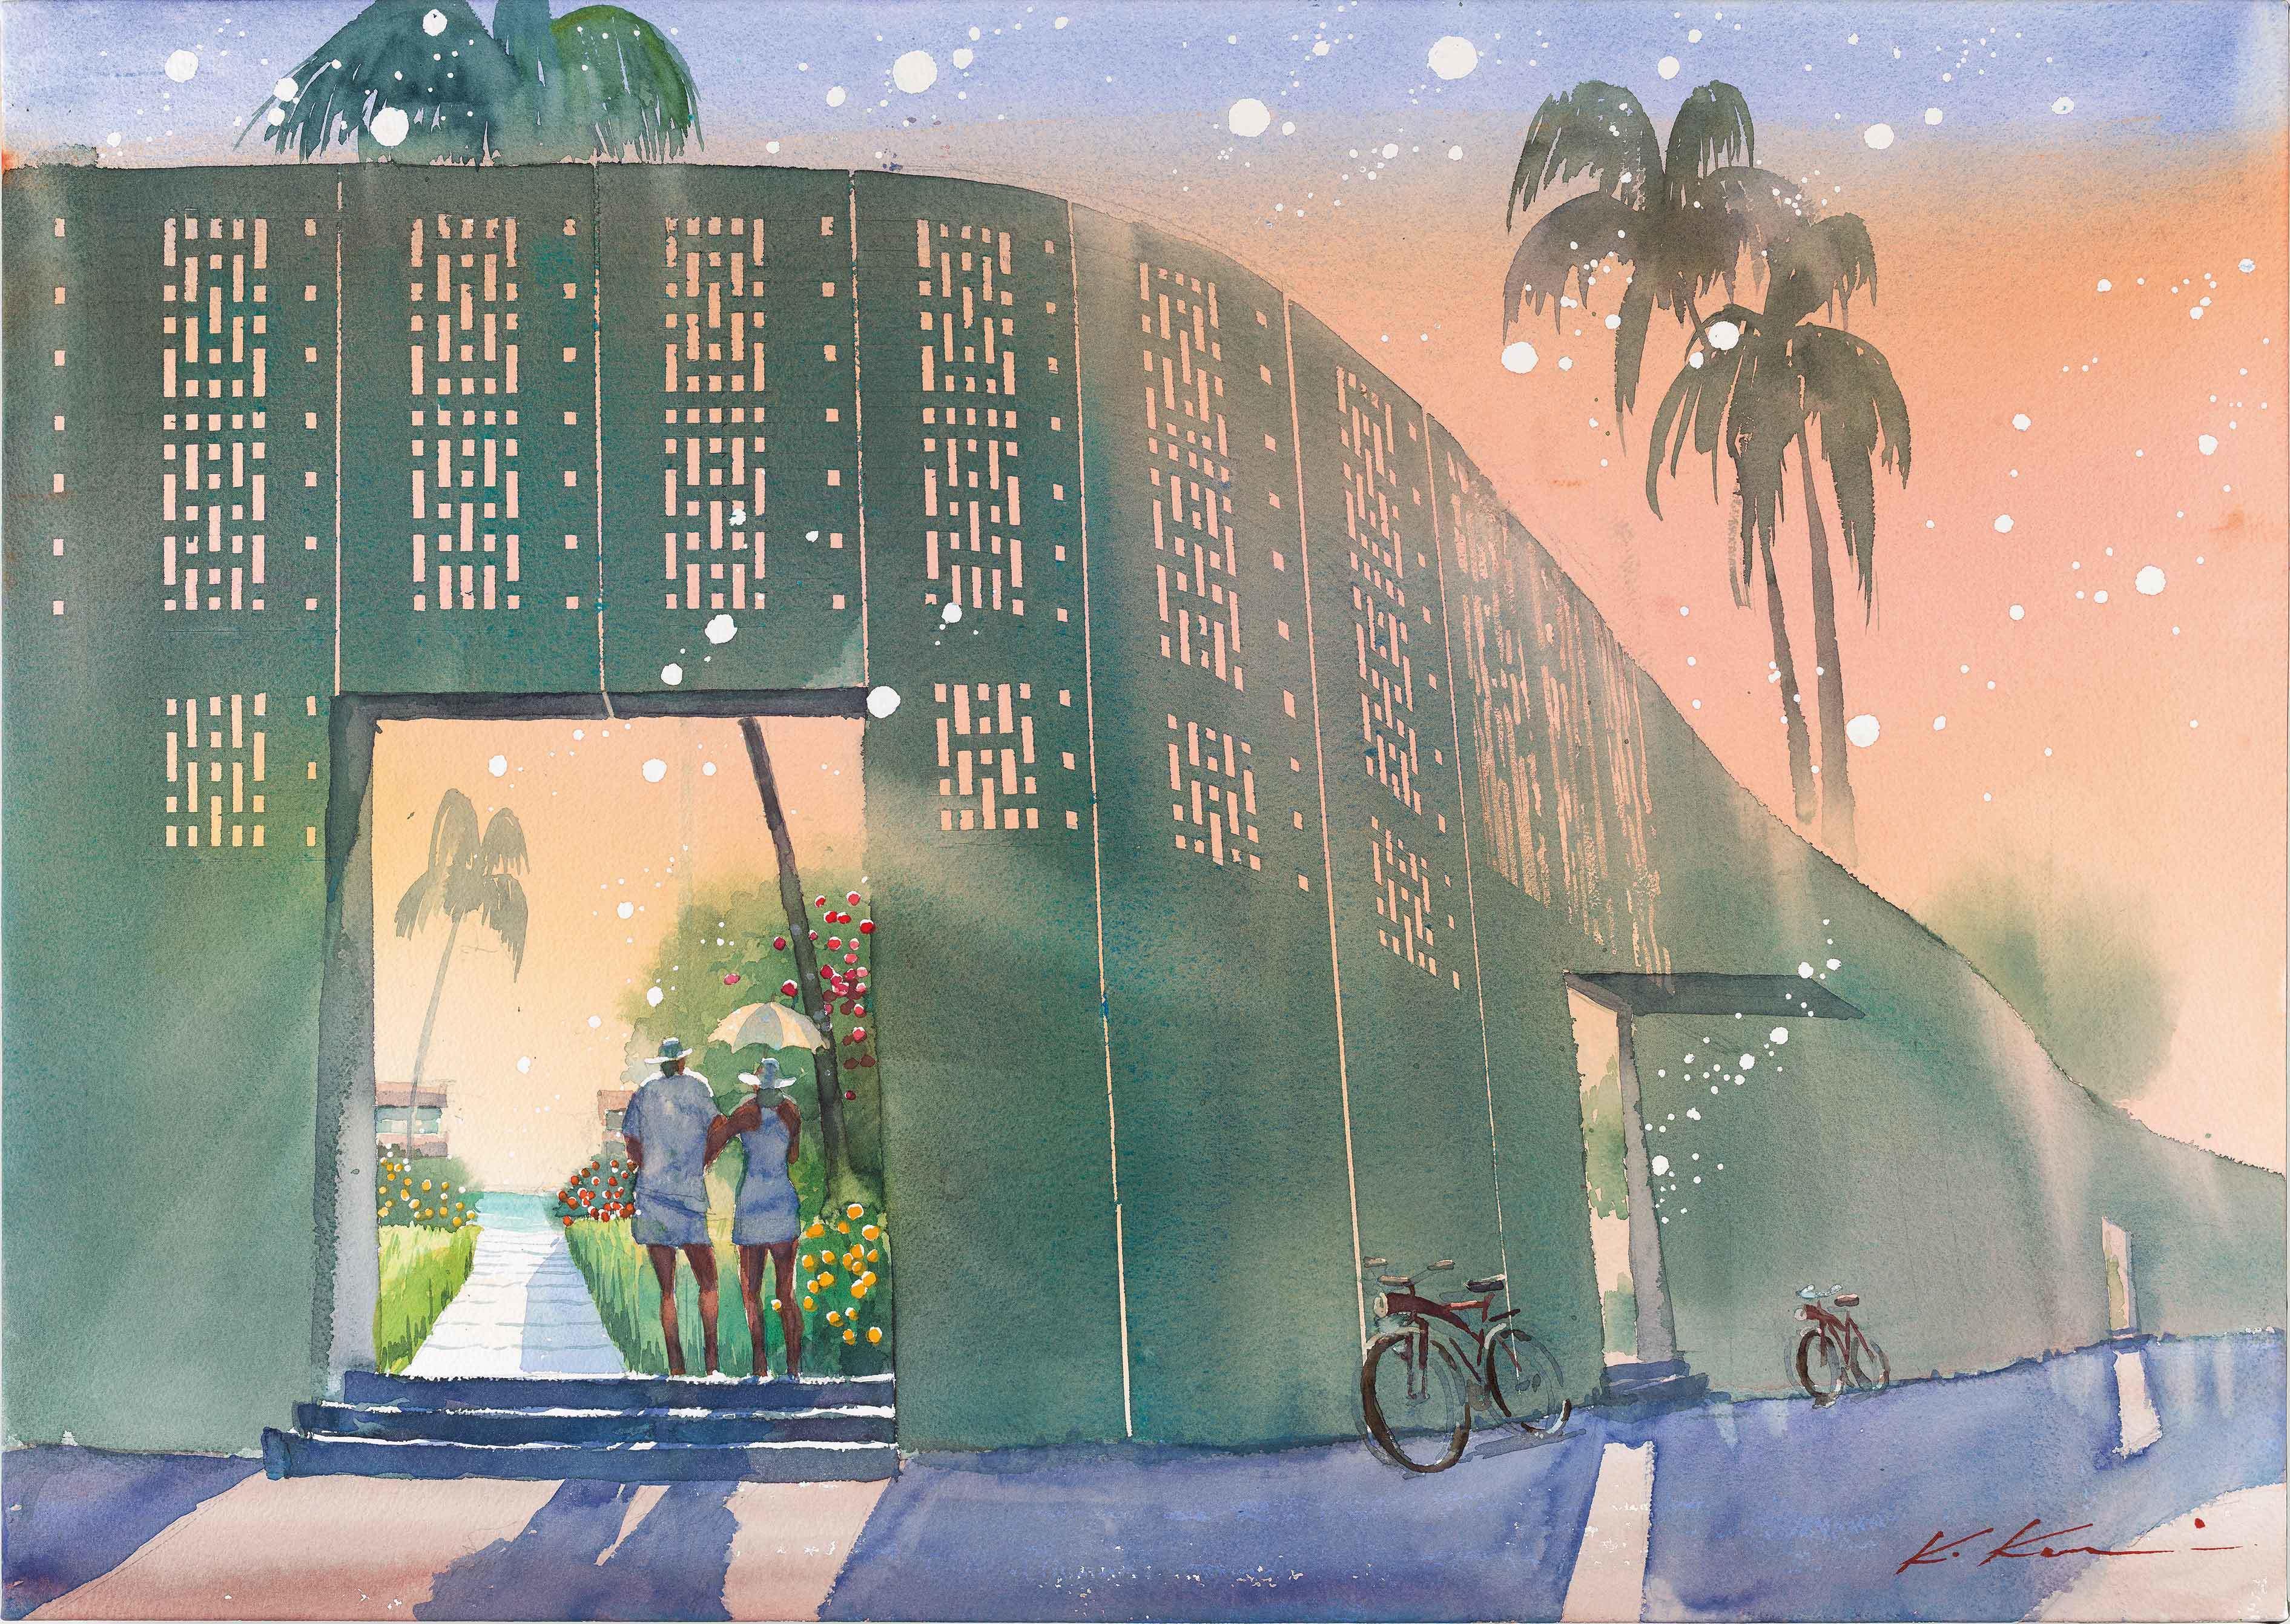 グスクの居館 きょかん に滞在する 星のや沖縄 開業日を2020年5月20